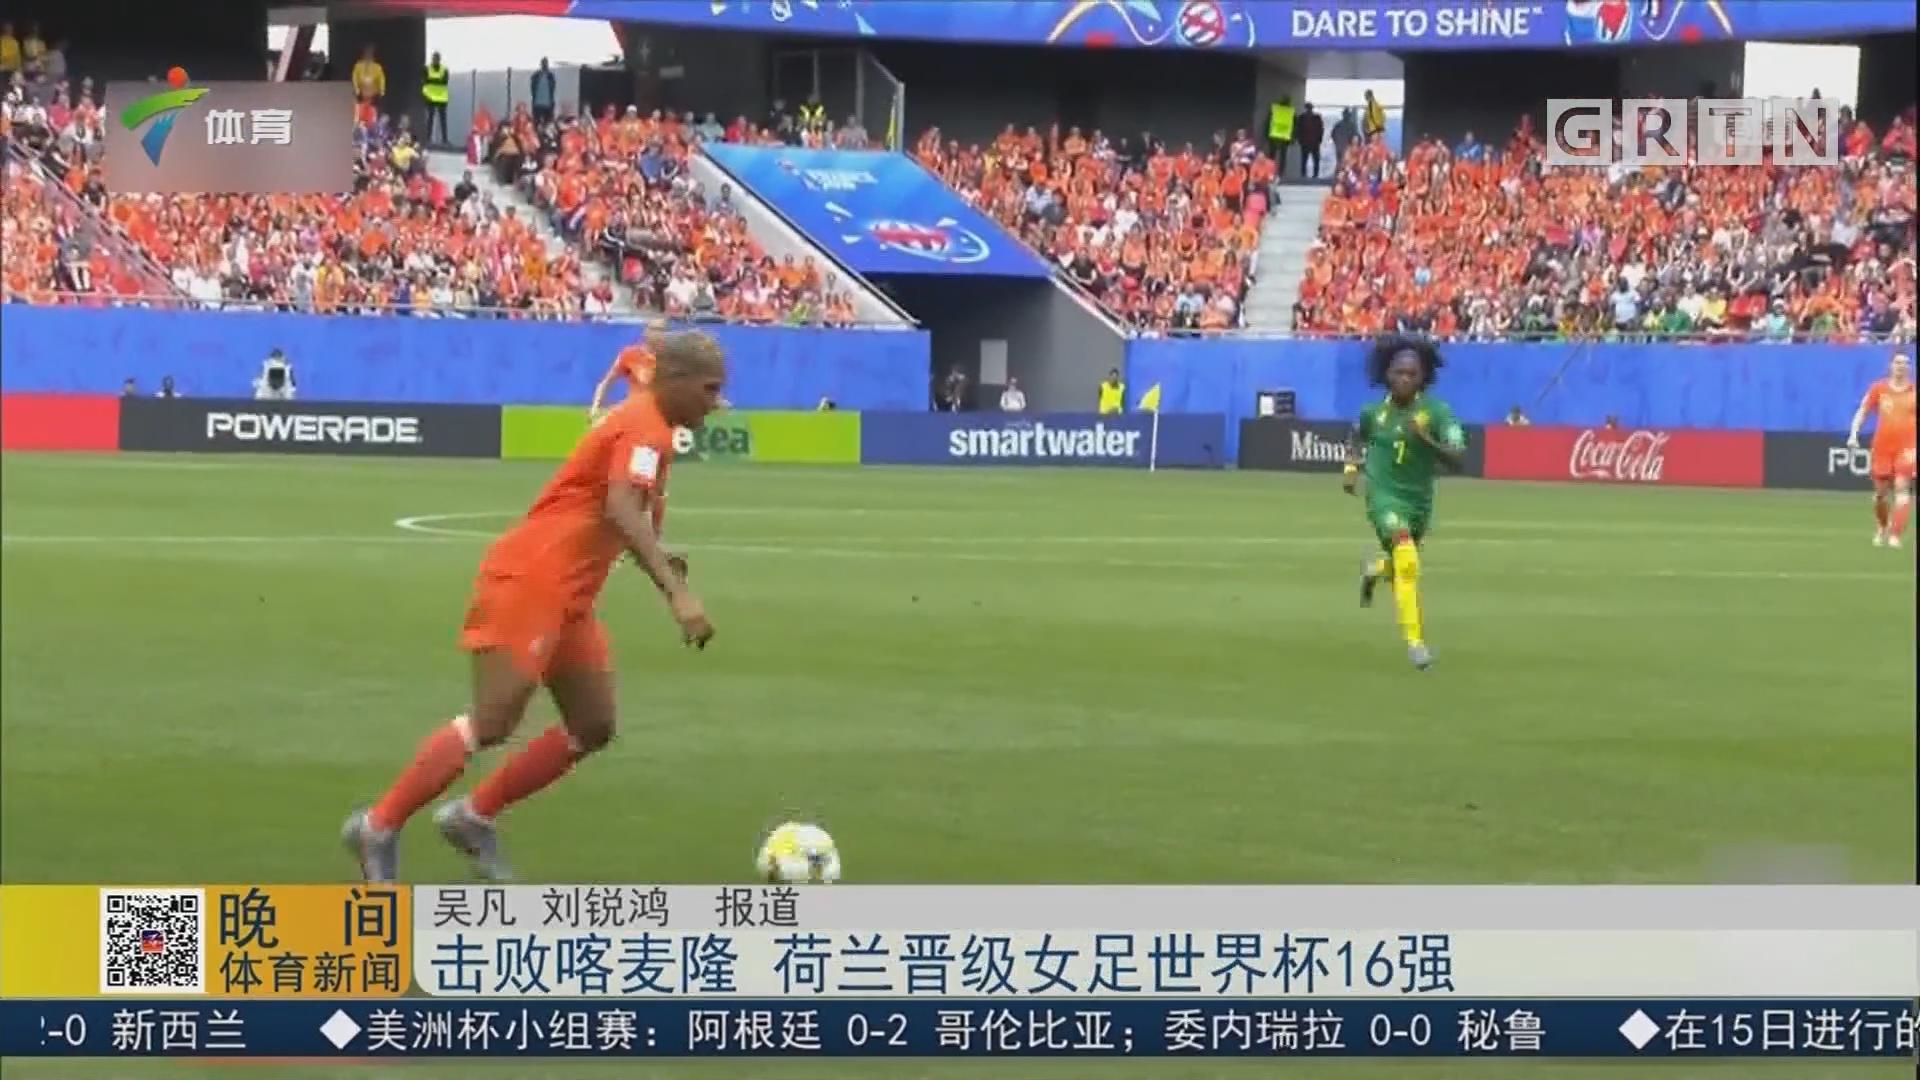 击败喀麦隆 荷兰晋级女足世界杯16强